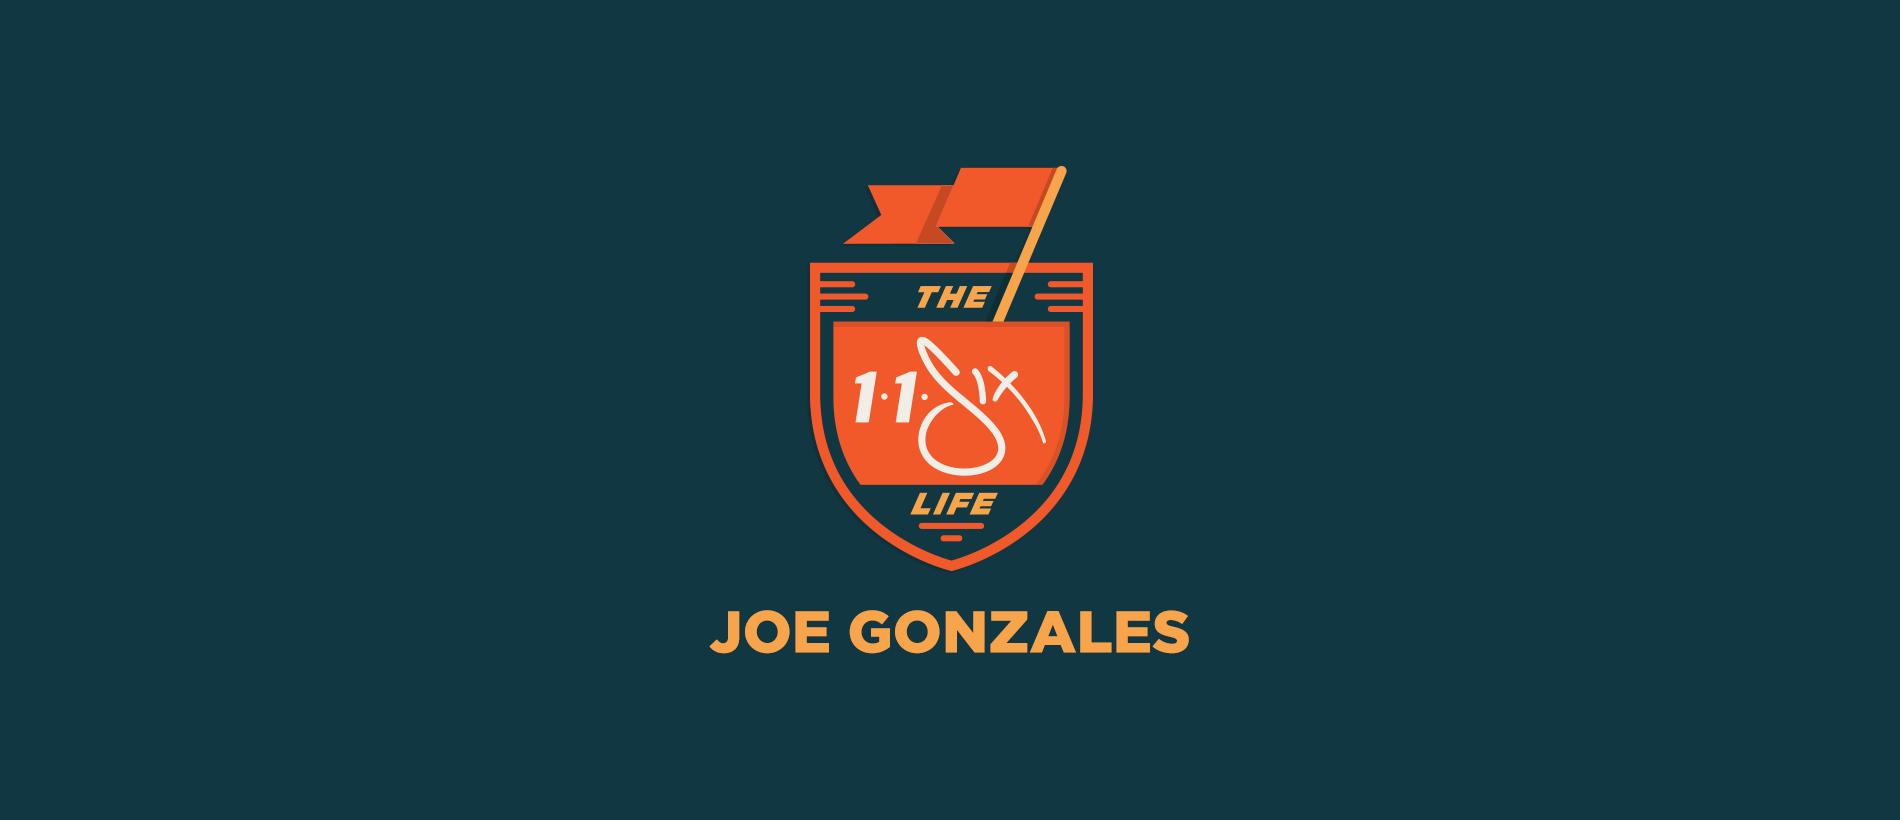 116 Life x Joe Gonzales